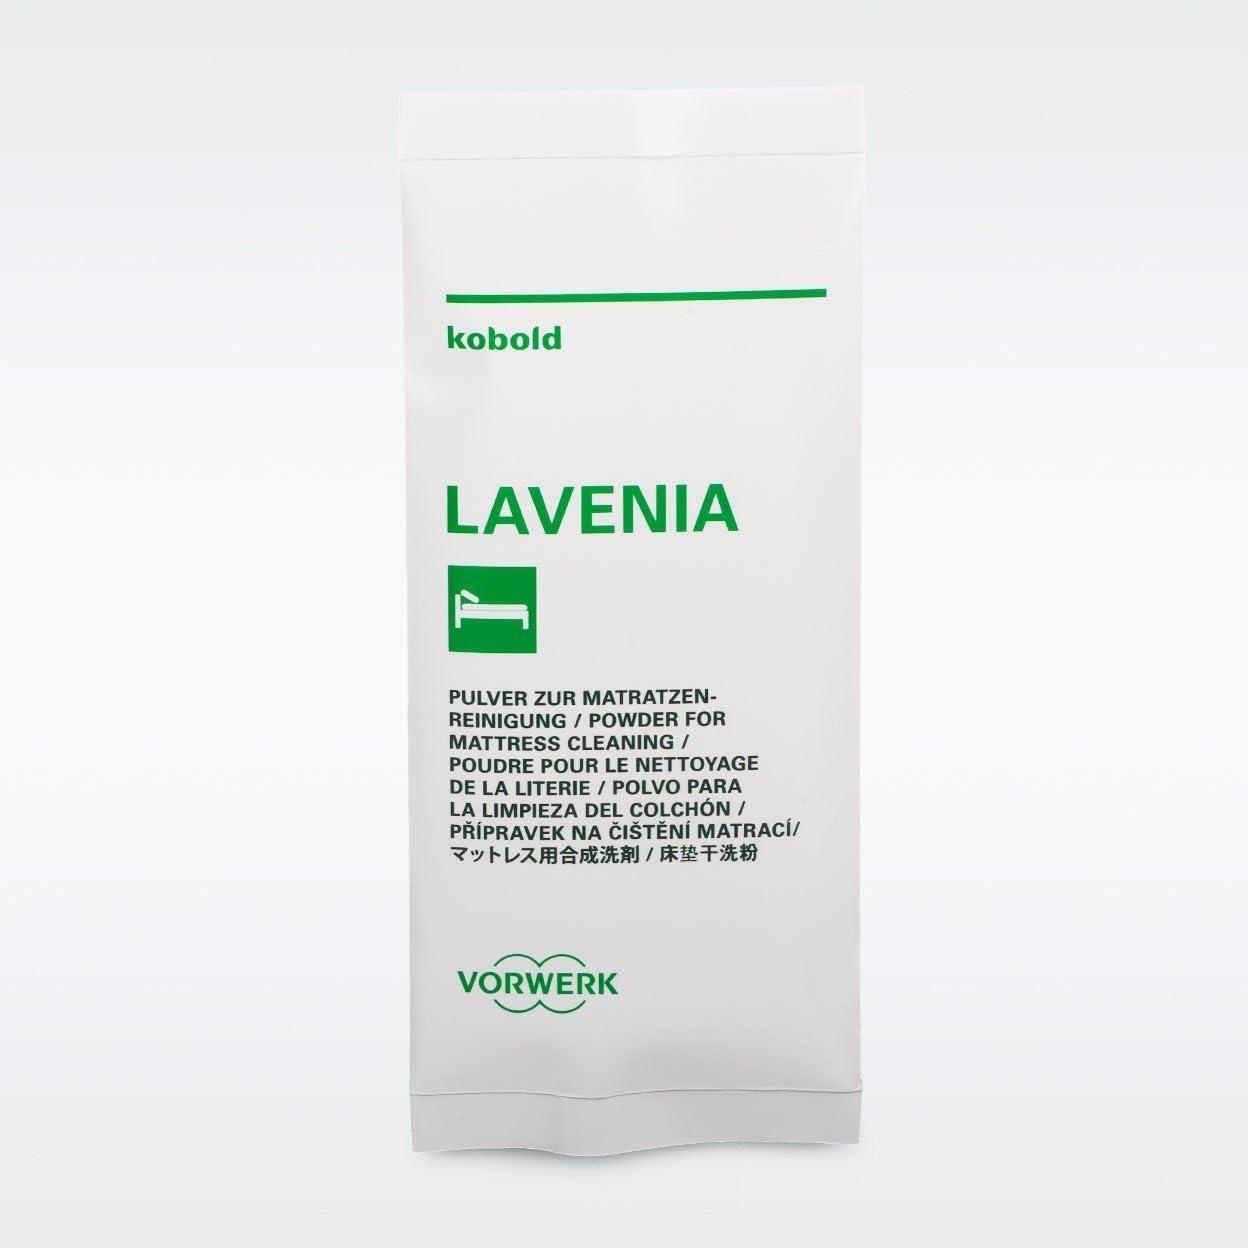 Paquete de 6 bolsas de polvo Lavenia para lavado de colchones en seco aspiradora Vorwerk original: Amazon.es: Hogar